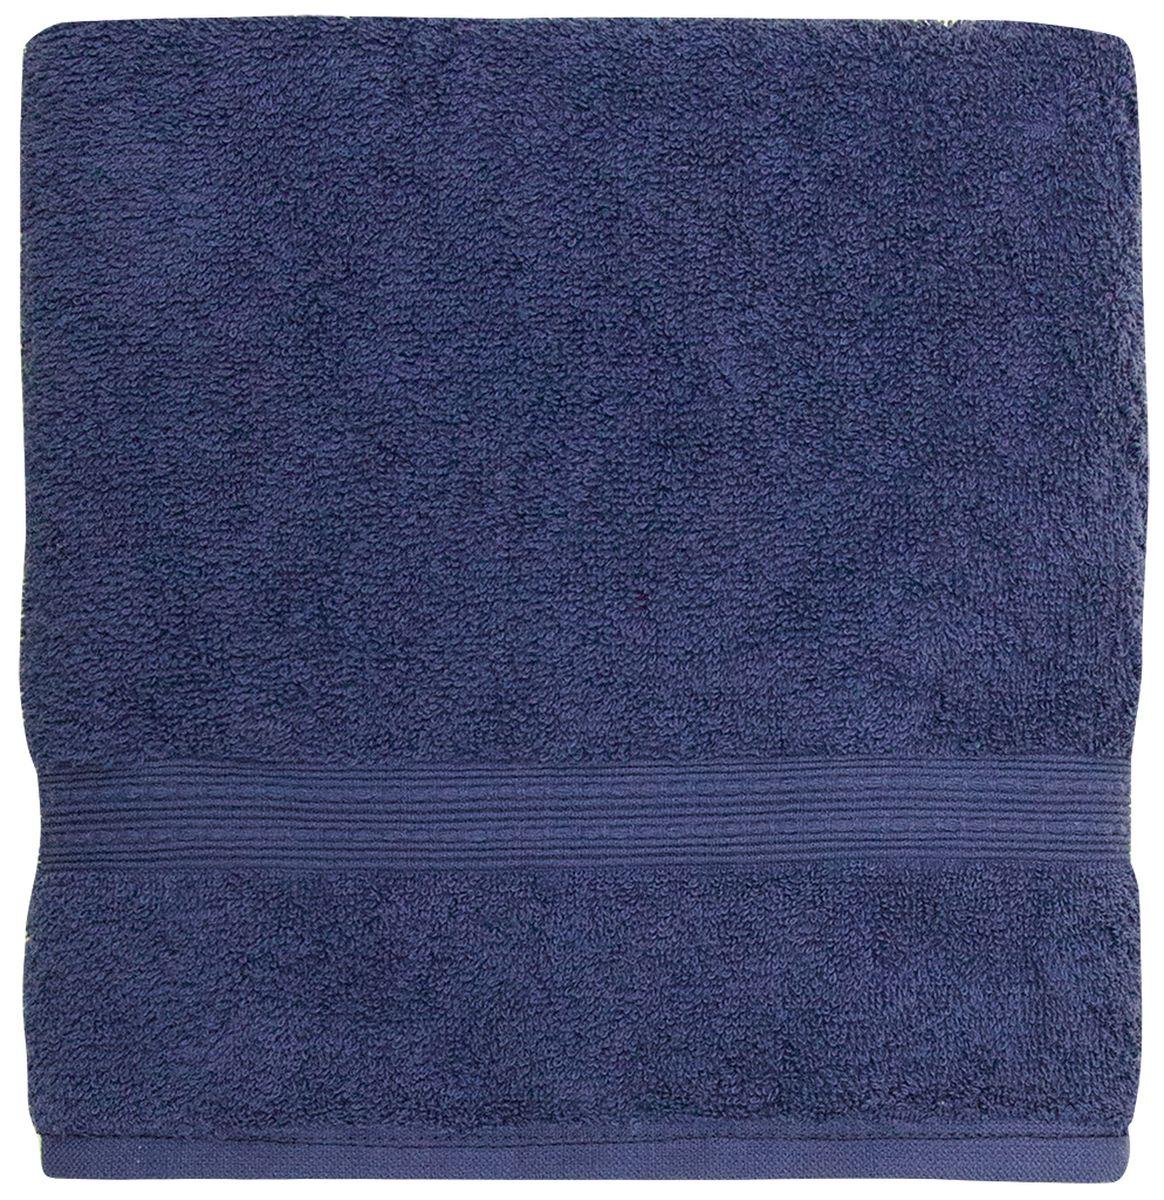 Полотенце банное Bonita Classic, цвет: сапфир, 70 х 140 см68/5/2Банное полотенце Bonita Classic выполнено из 100% хлопка. Изделие отлично впитывает влагу, быстро сохнет, сохраняет яркость цвета и не теряет форму даже после многократных стирок. Такое полотенце очень практично и неприхотливо в уходе. Оно создаст прекрасное настроение и украсит интерьер в ванной комнате.